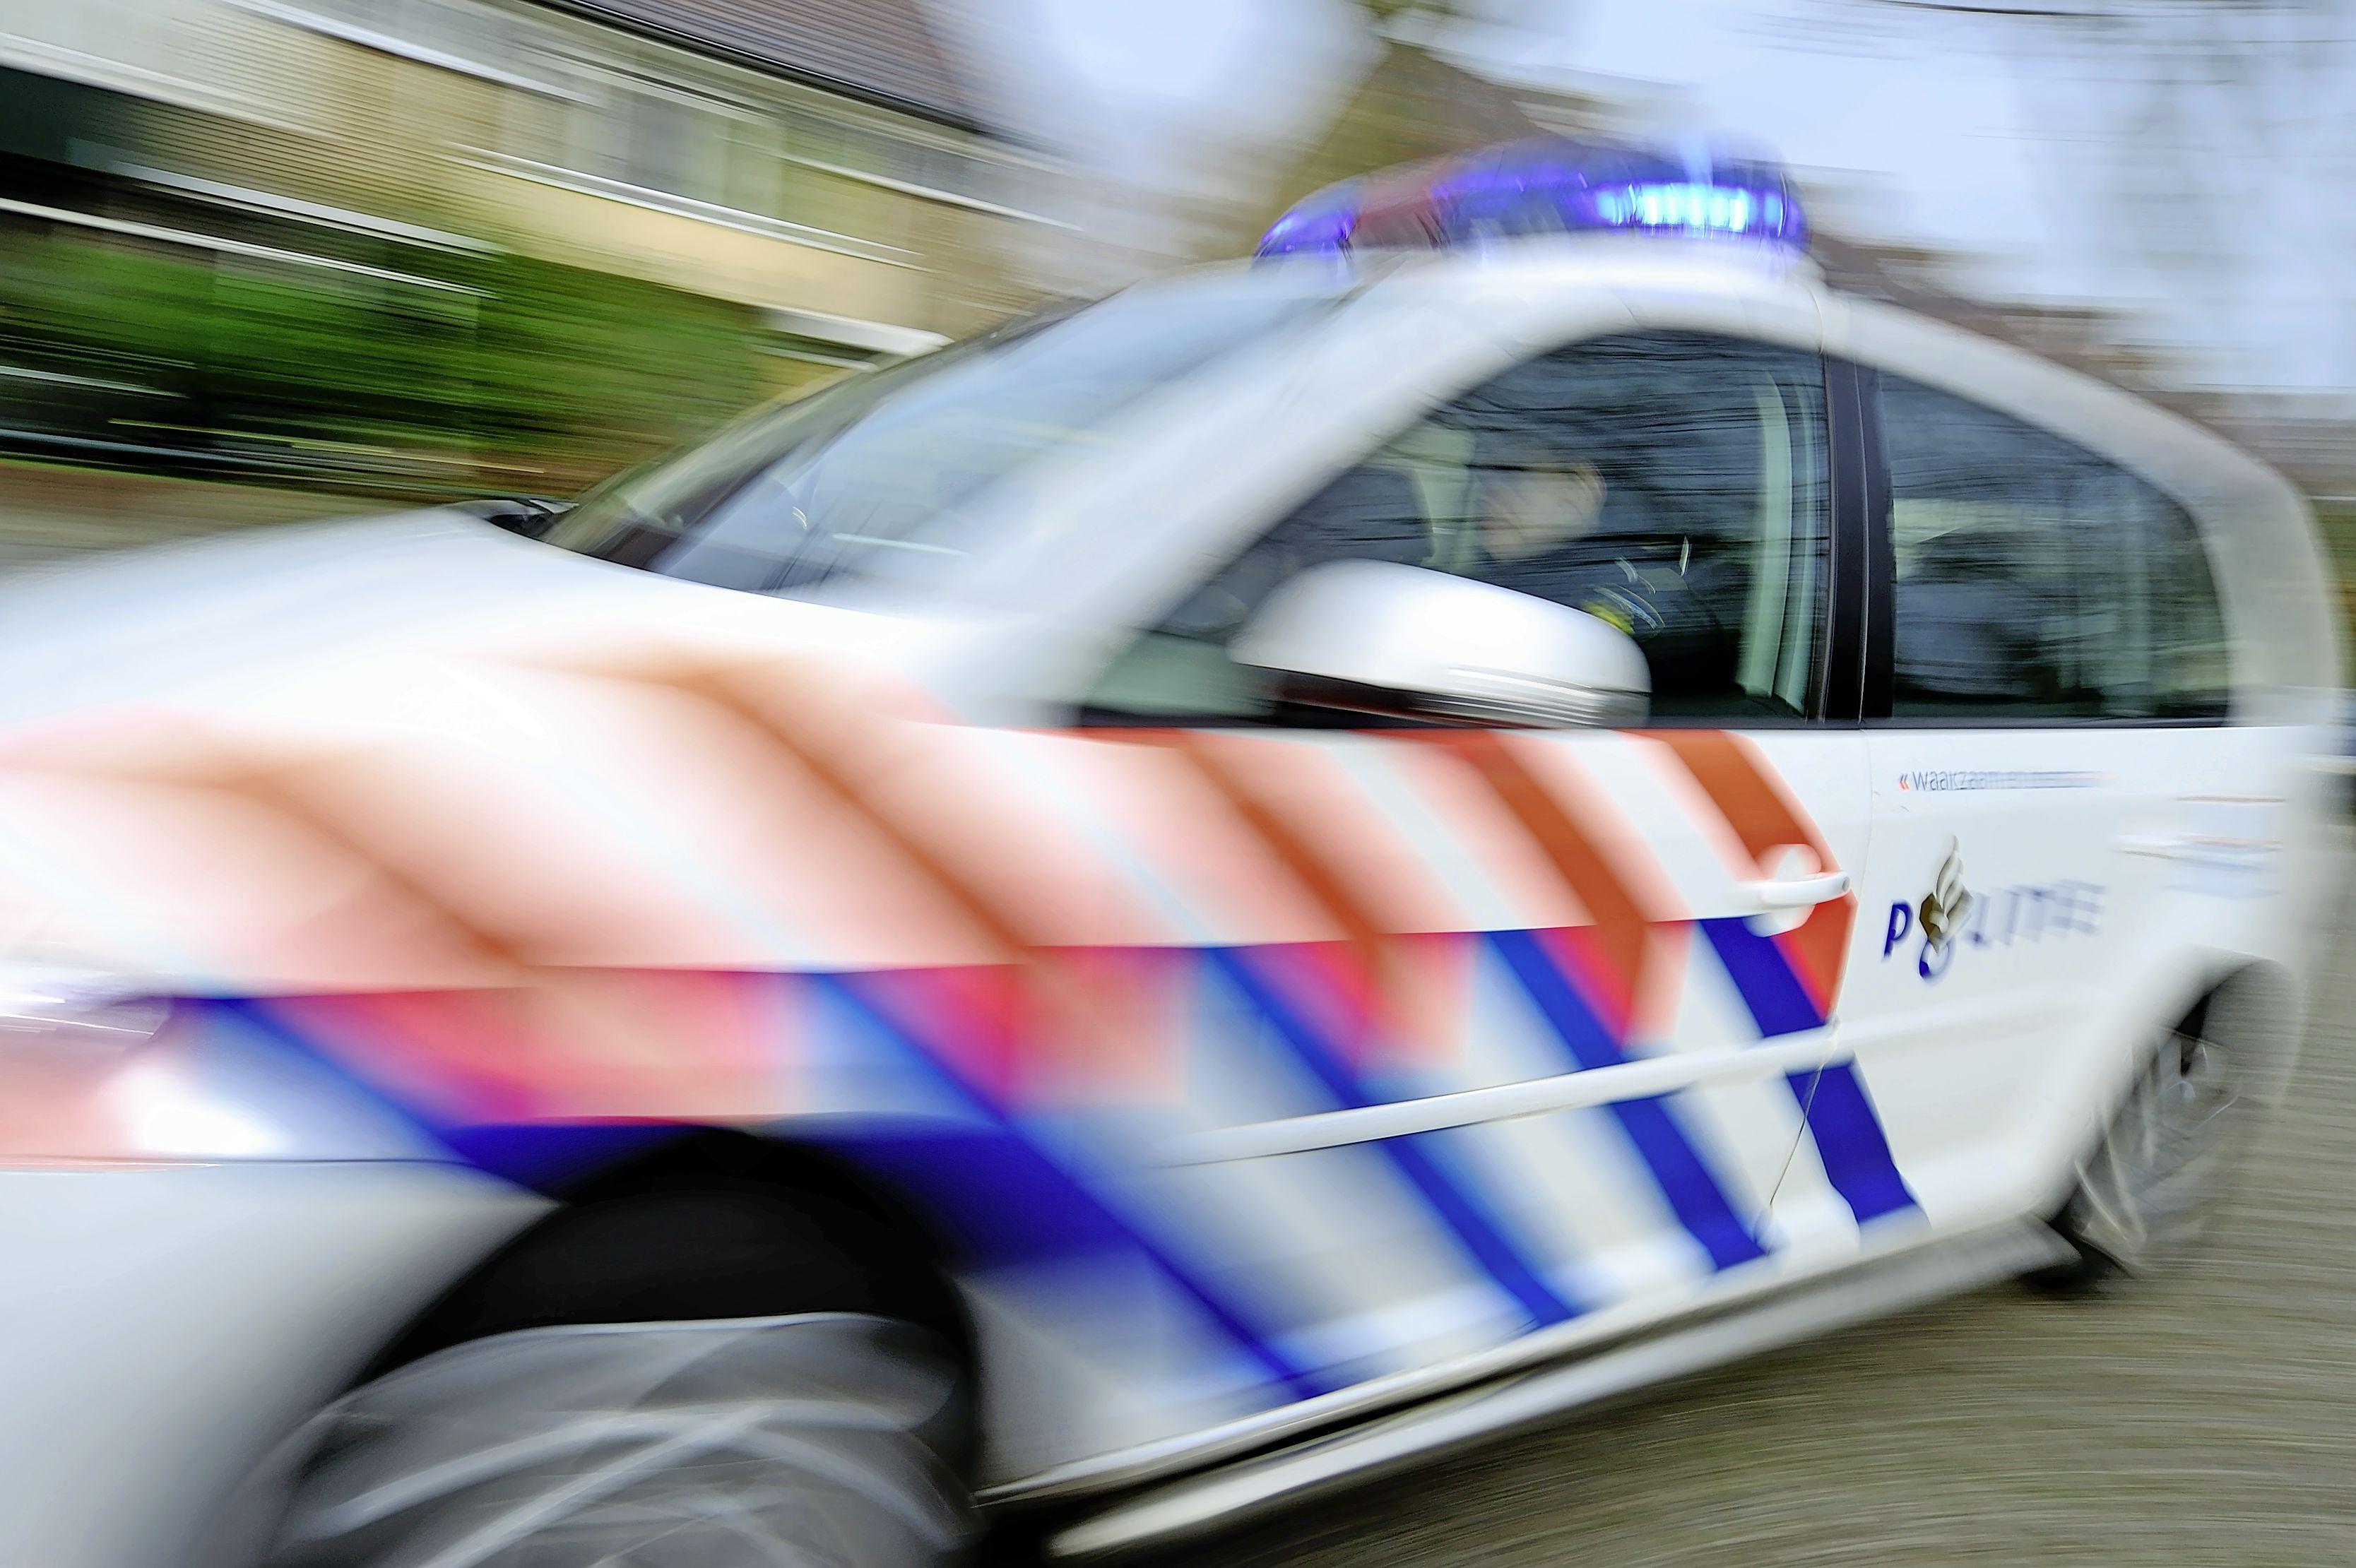 Aanrander uit Zaandam aangehouden in omgeving van het Twiske. Man blijkt meerdere meisjes te hebben betast